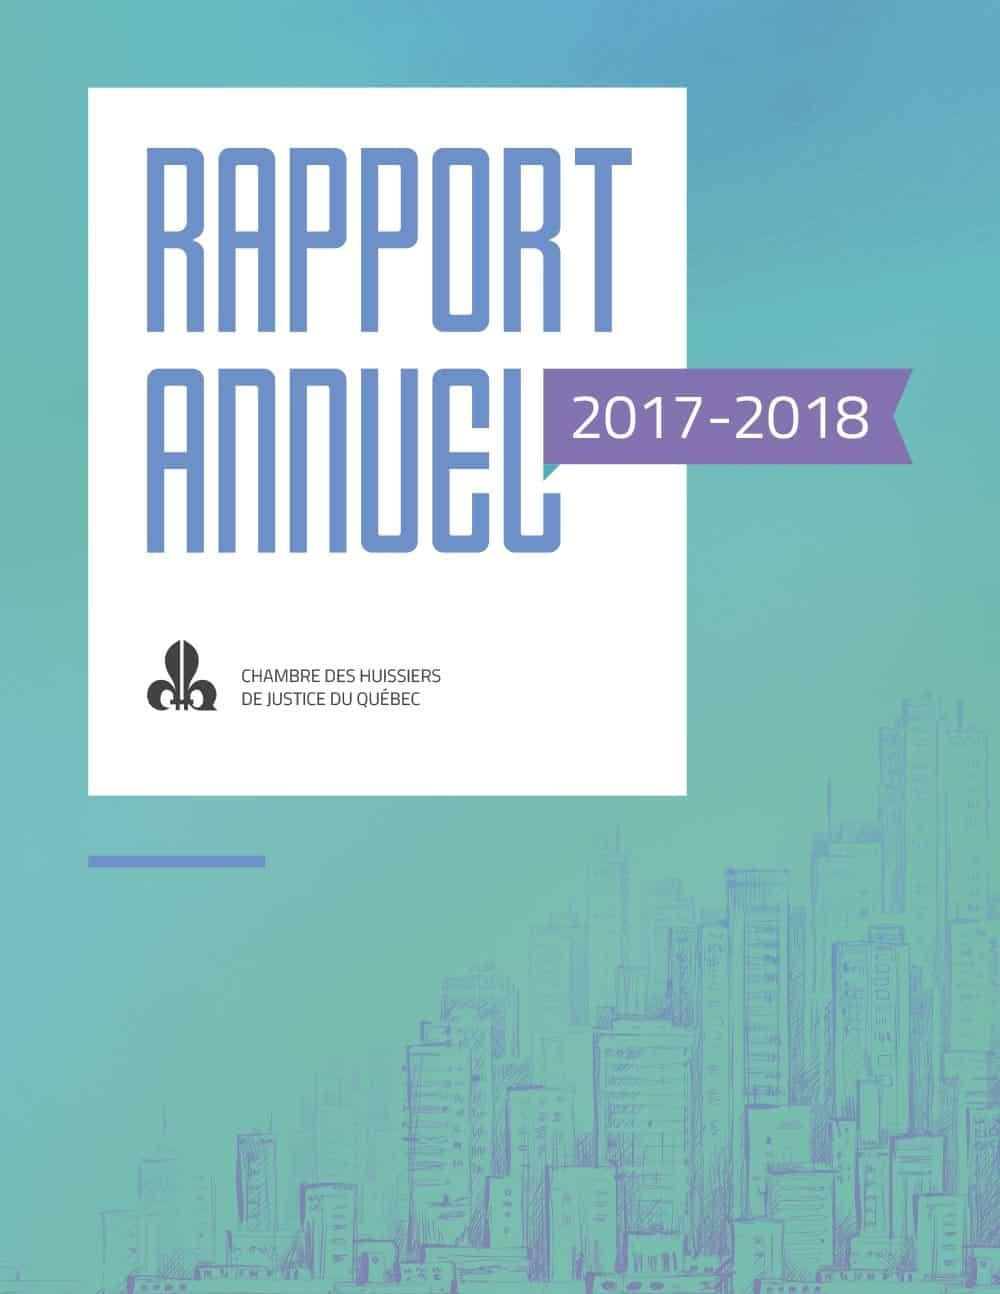 Graphisme du rapport annuel de la Chambre des huissier du Québec